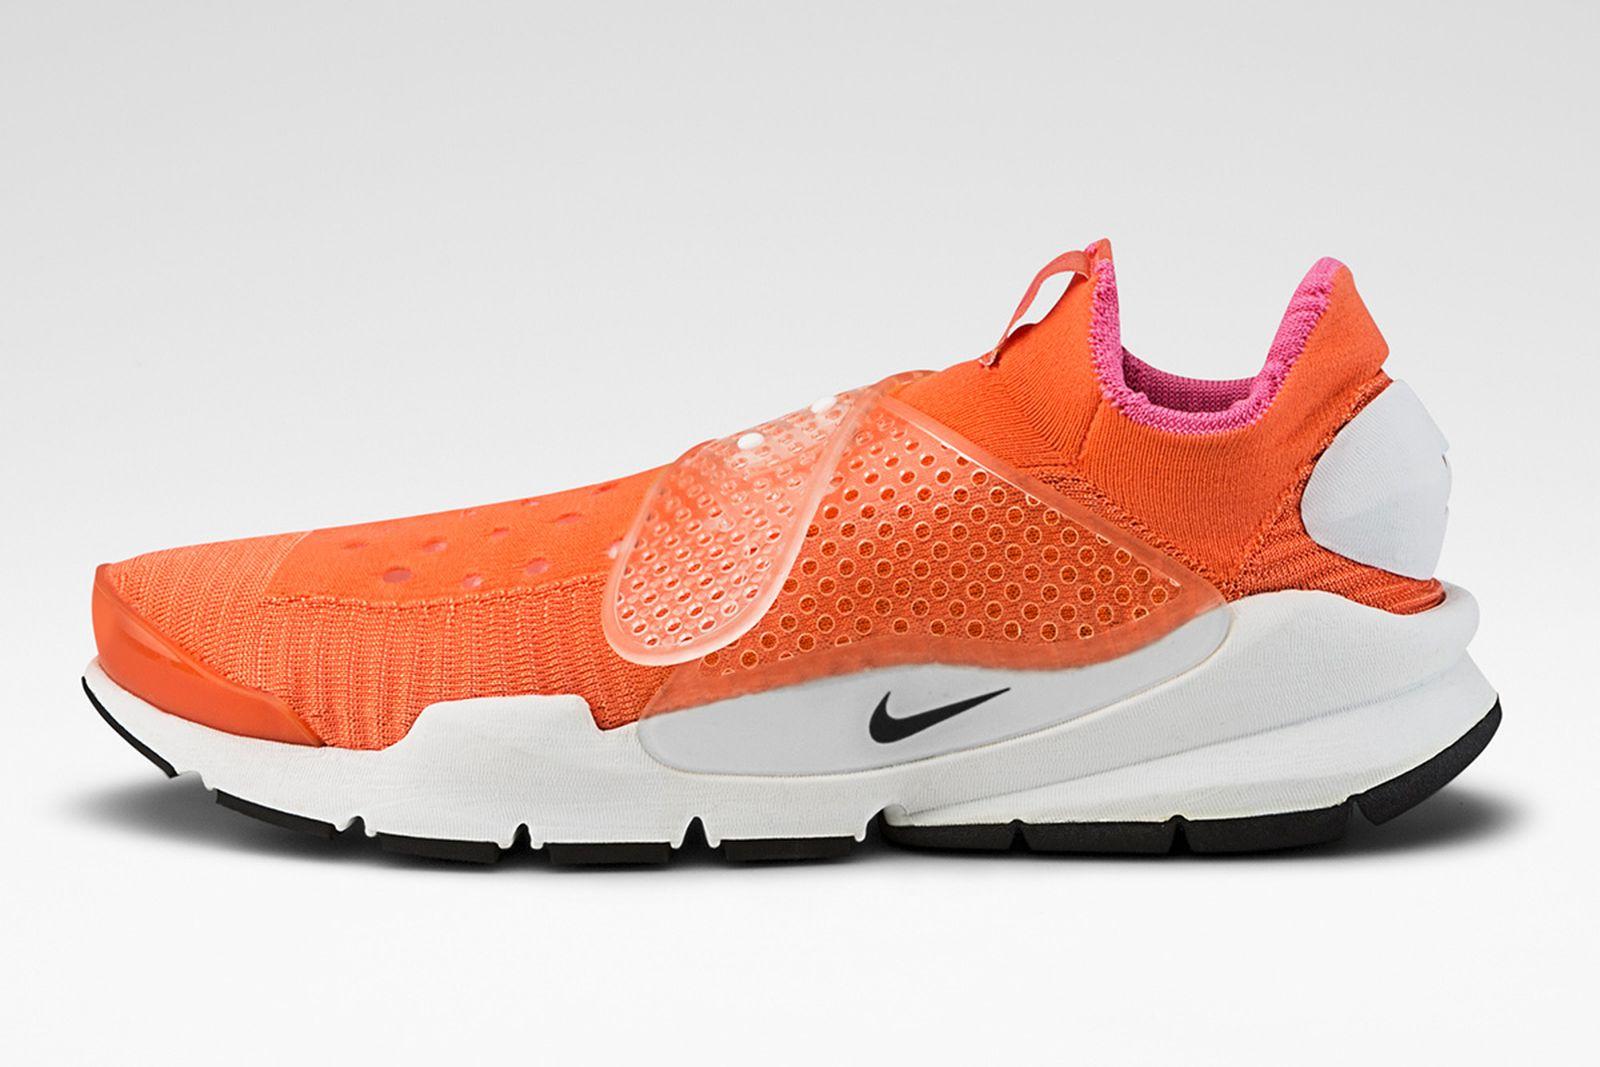 Nike Sock Dart HTM